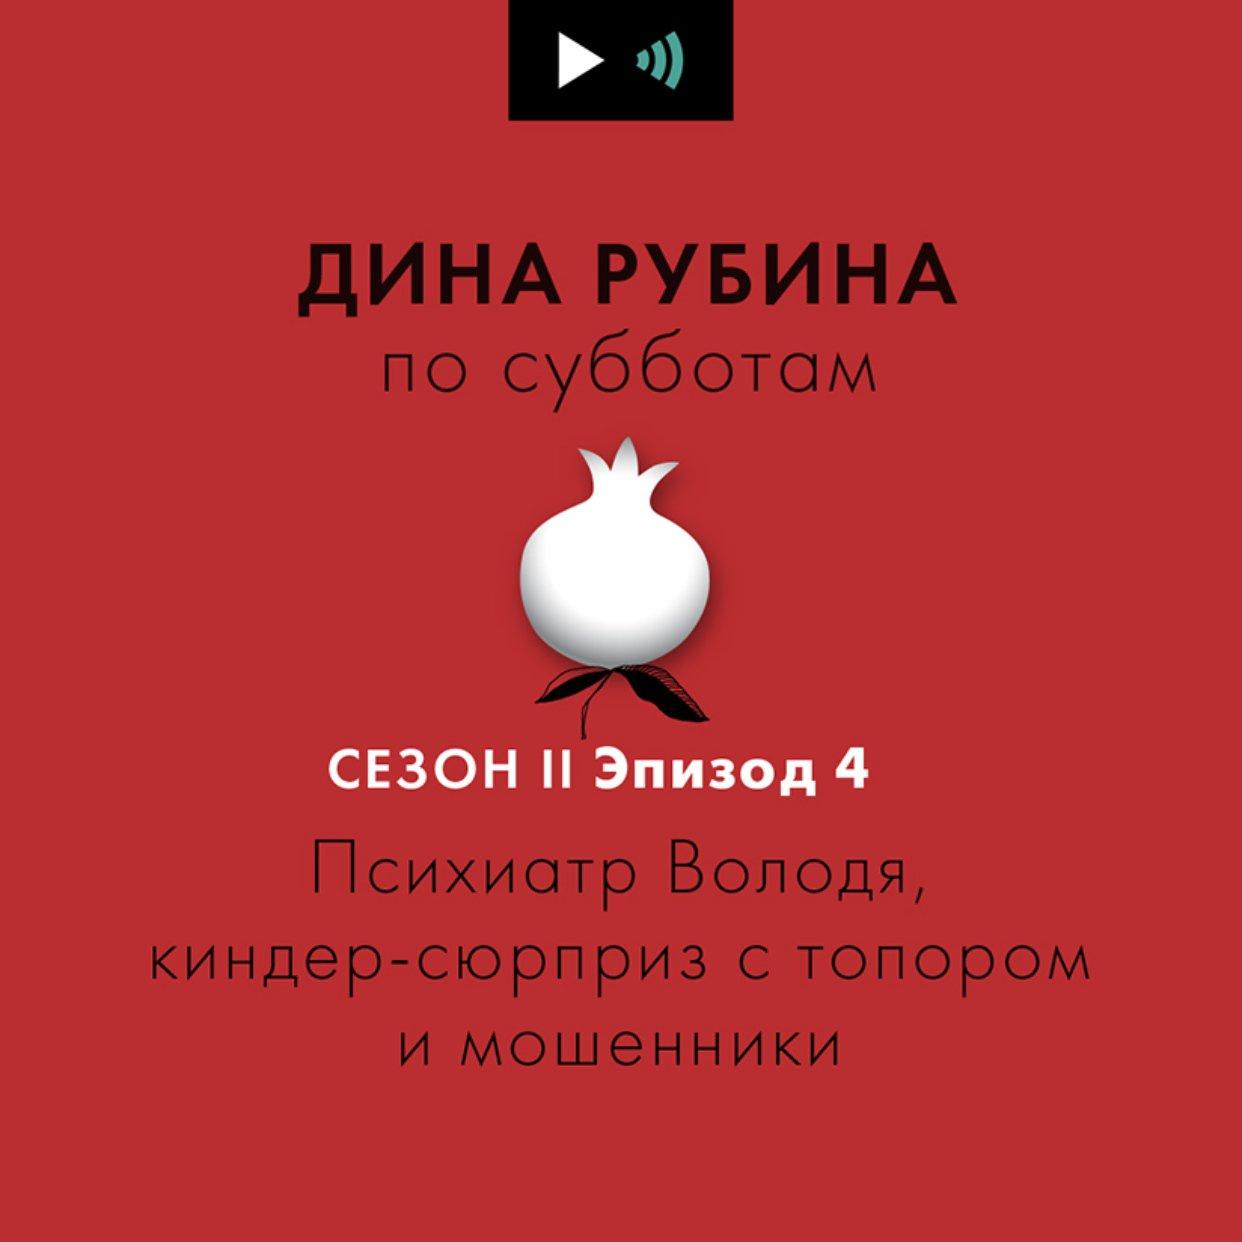 Психиатр Володя, киндер-сюрприз с топором и мошенники